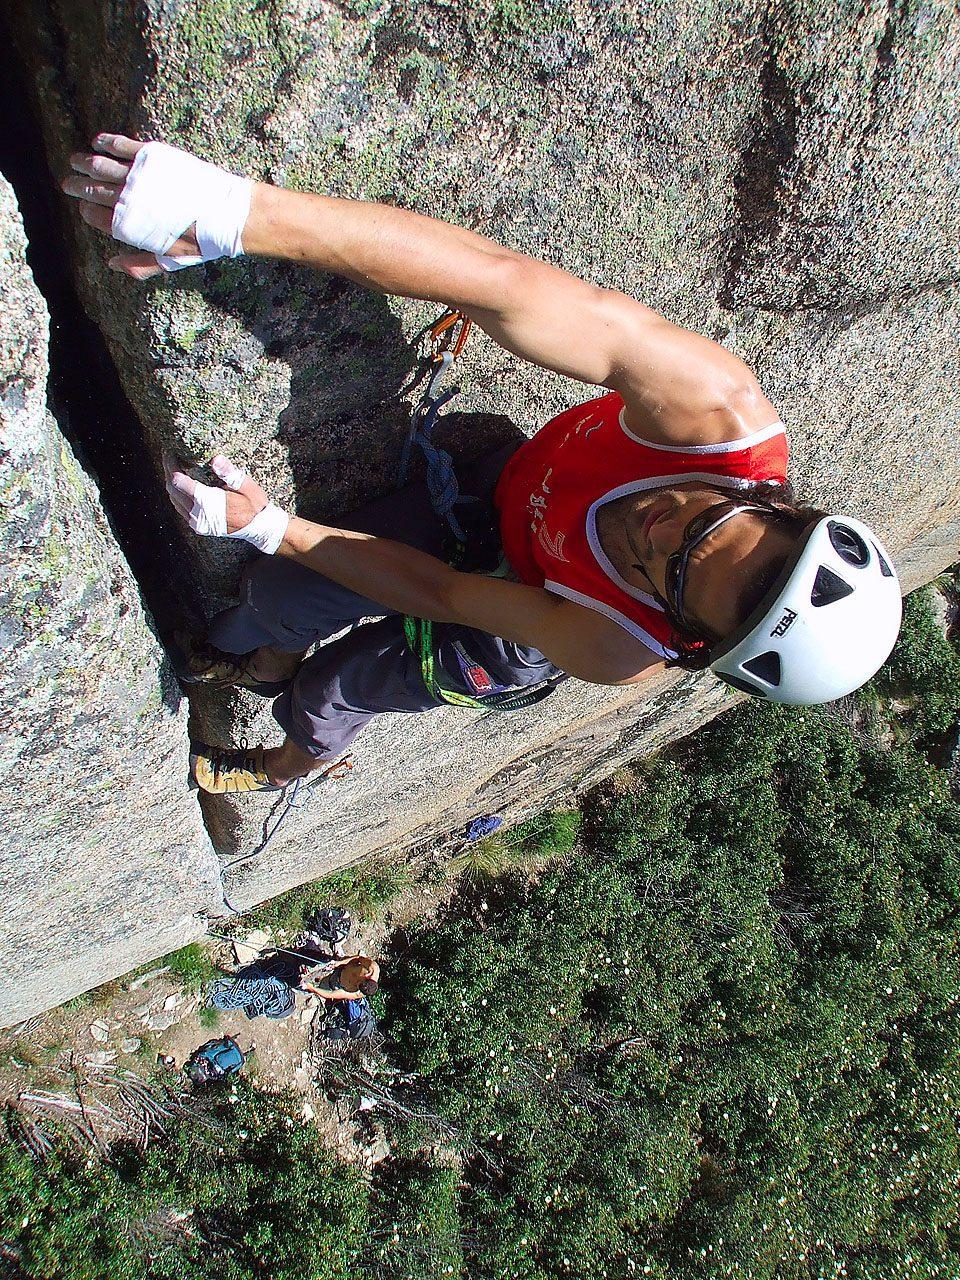 Curso de escalada en roca, nivel 4 (fisuras, diedros y chimeneas). Madrid